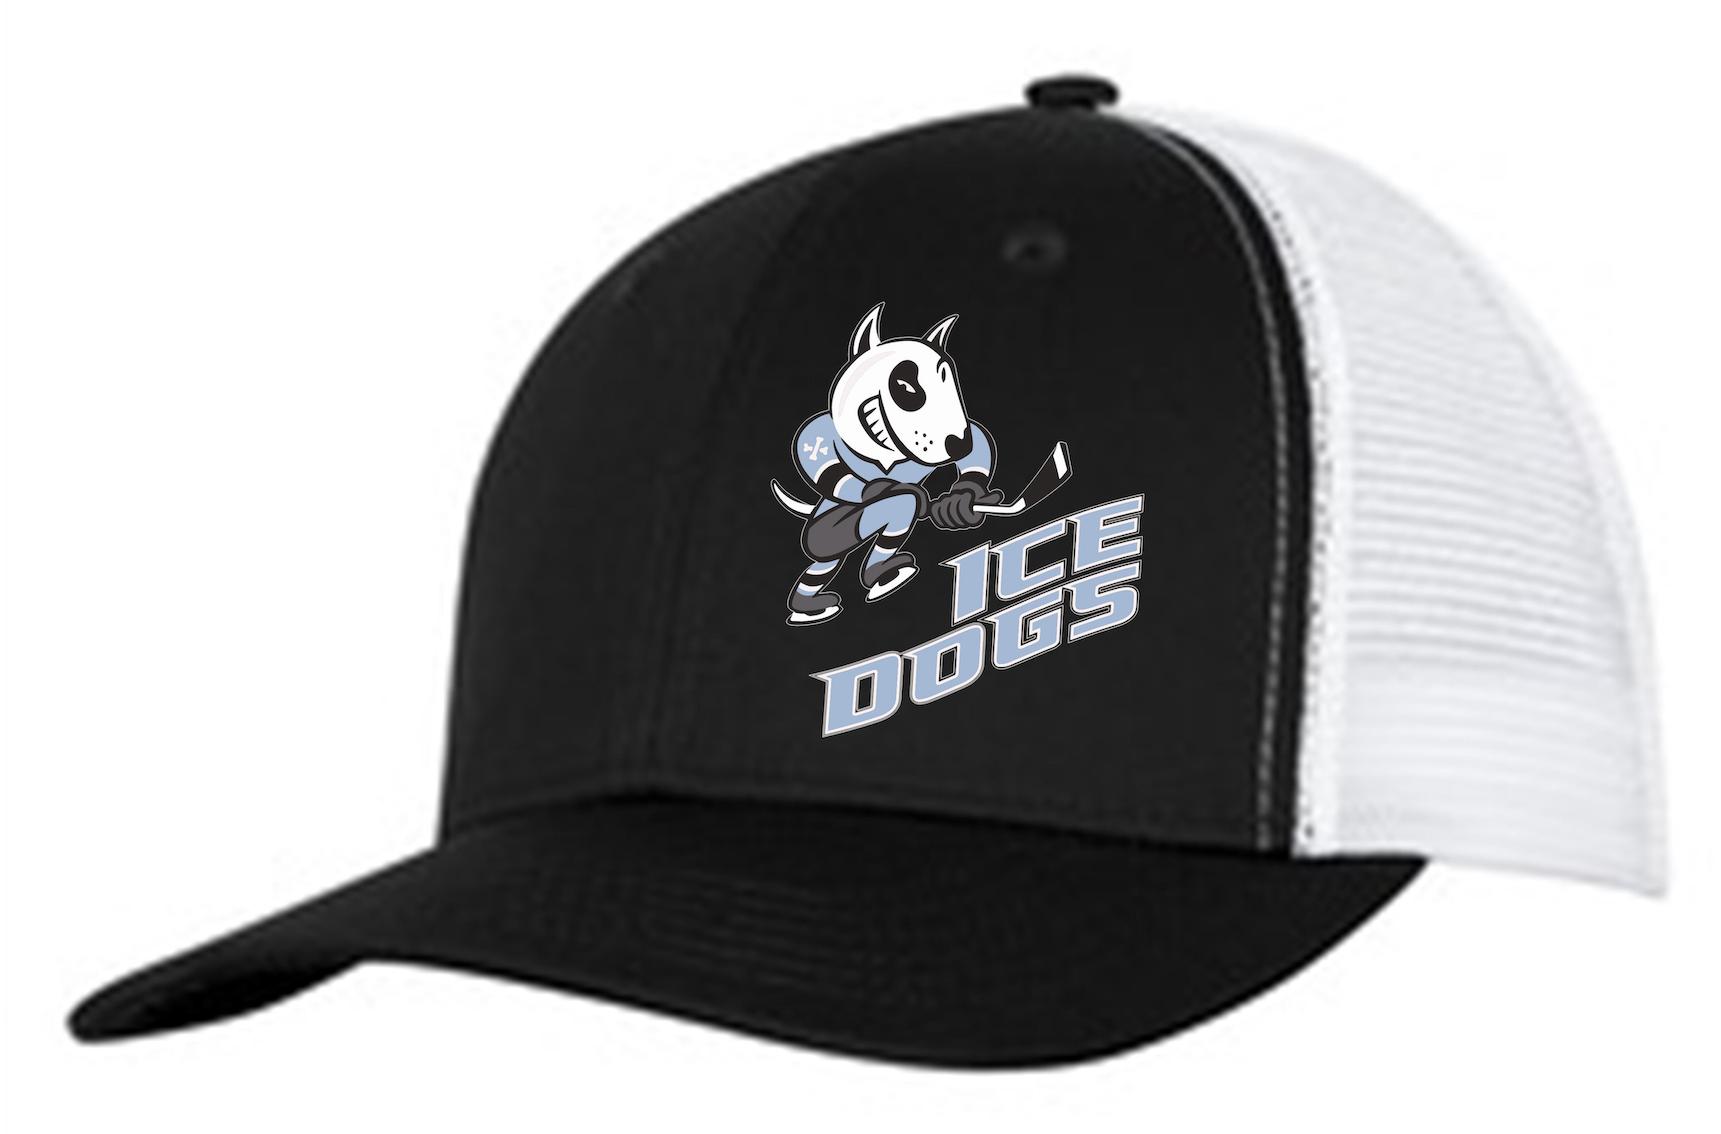 Ice Dogs Trucker SnapBack Hat